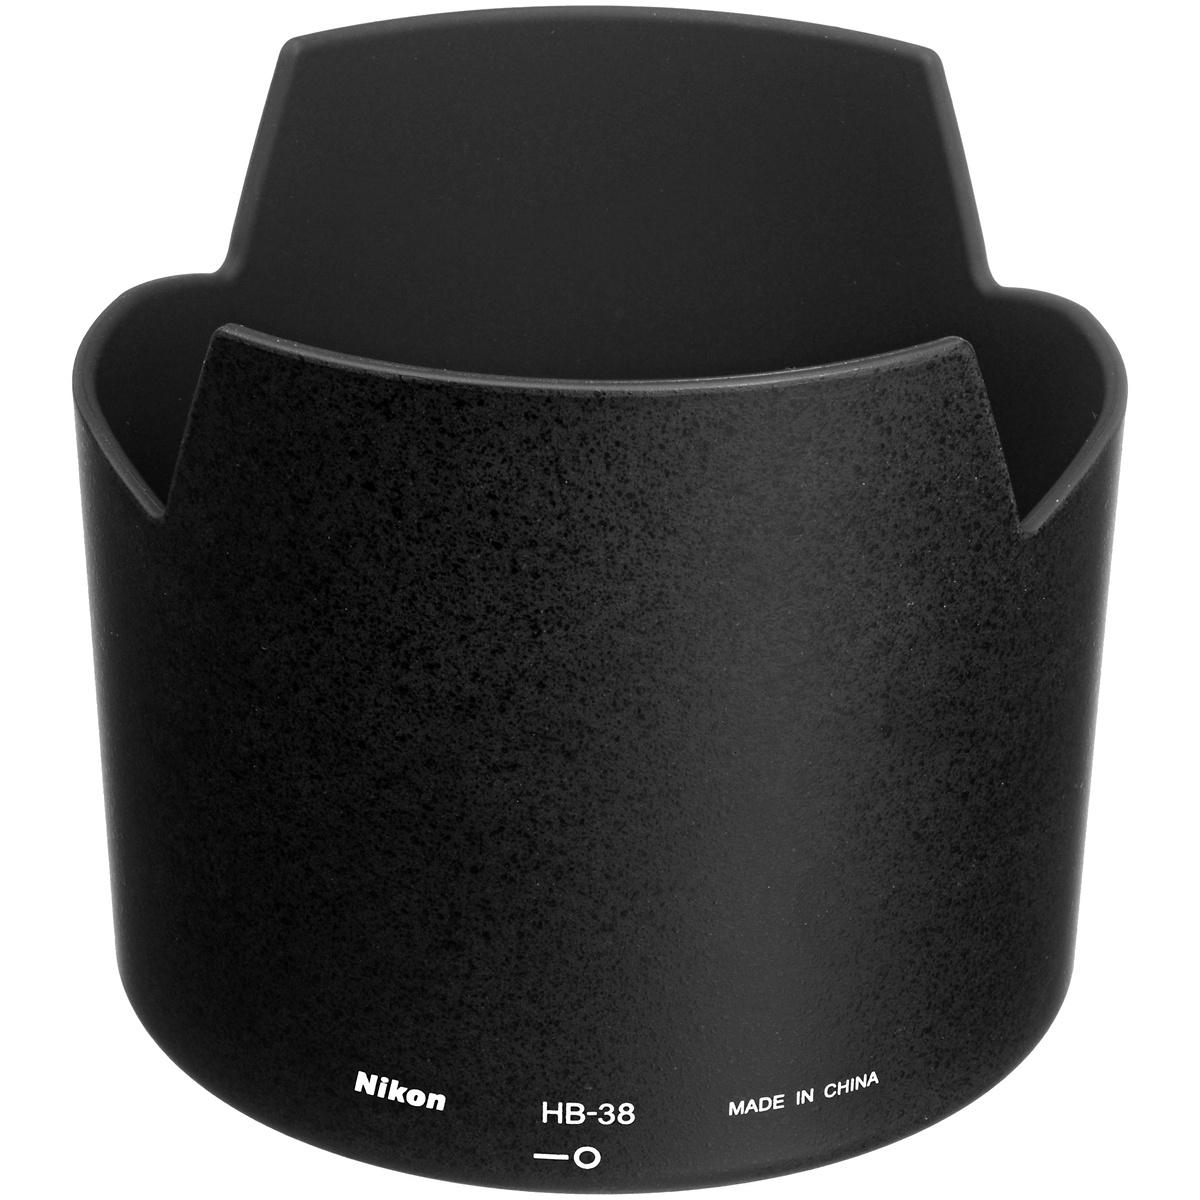 Nikon HB-38 Gegenlichtblende